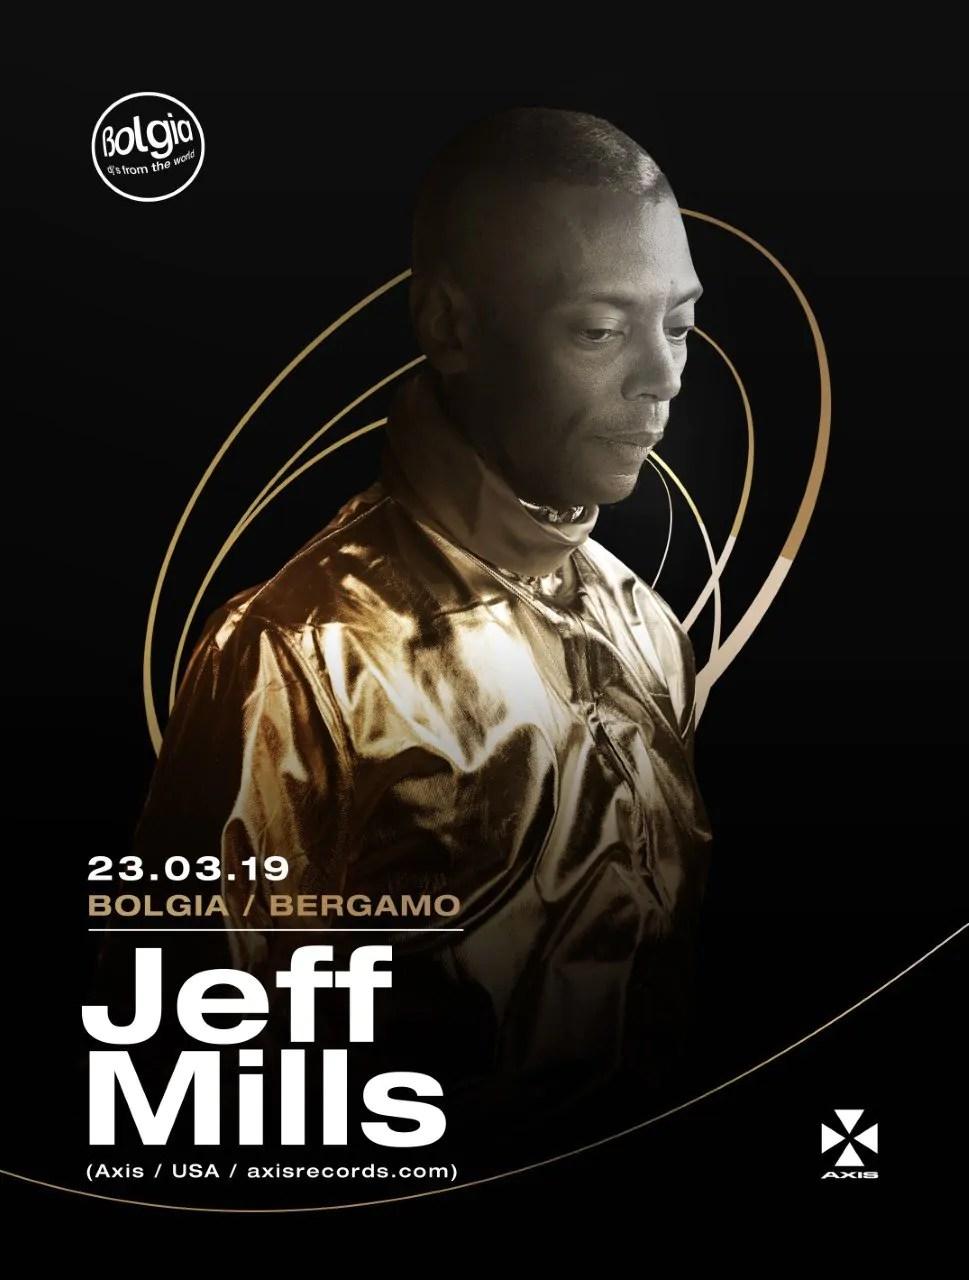 Bolgia Bergamo pres. Jeff Mills Sabato 23 Marzo 2019 | Ticket/Biglietti 18app Tavoli Pacchetti hotel Prevendite